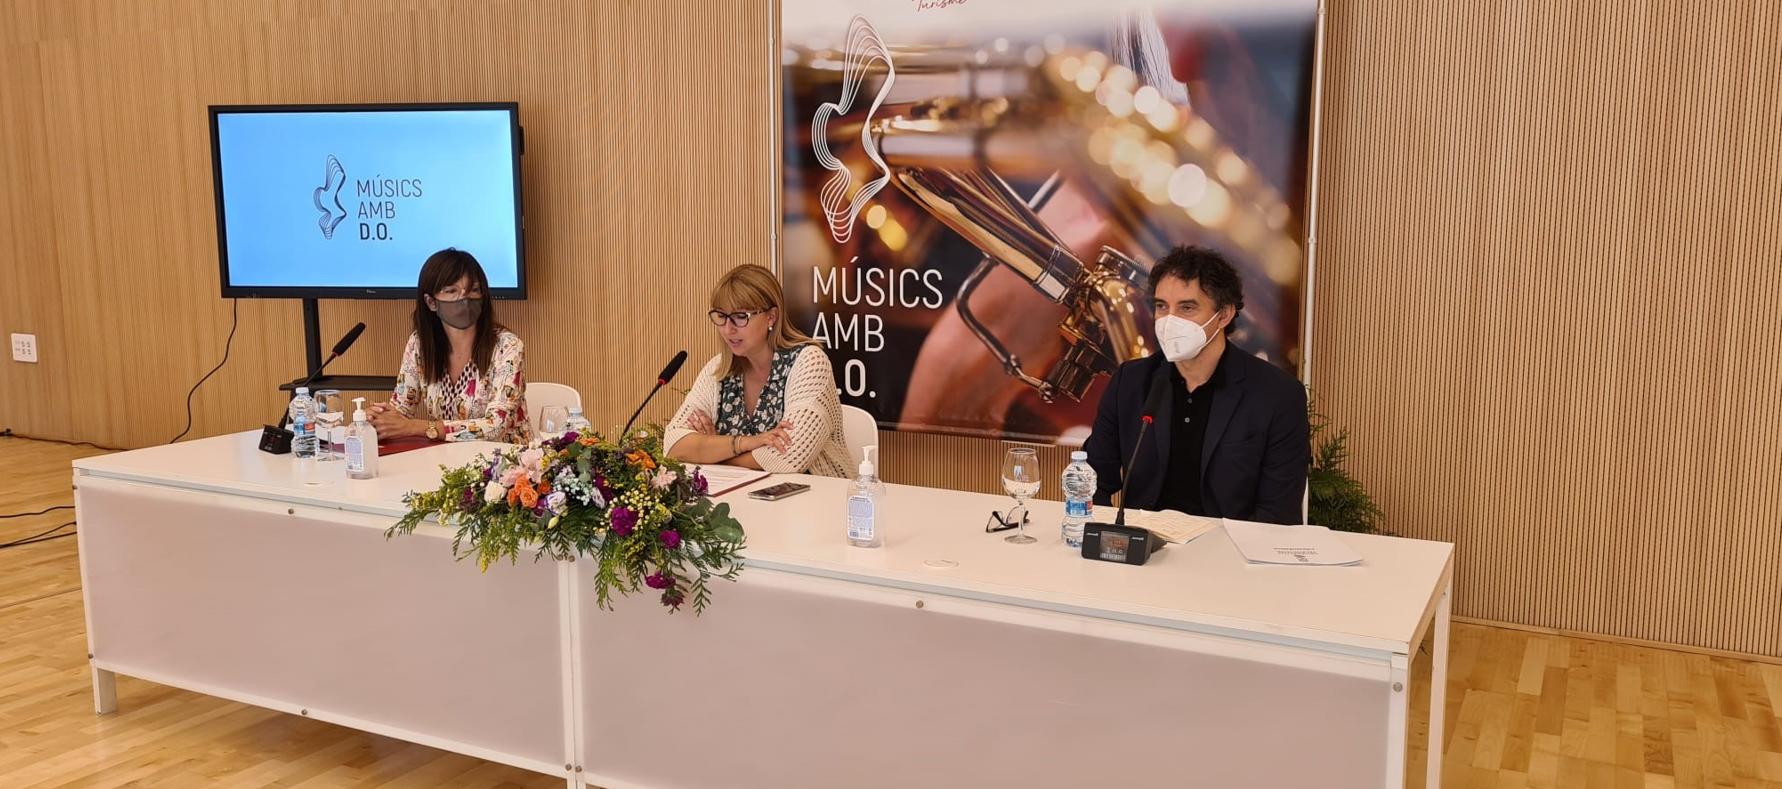 Turisme CV i la Federació de Societats Musicals de la CV llancen la campanya 'Músics amb D.O.'